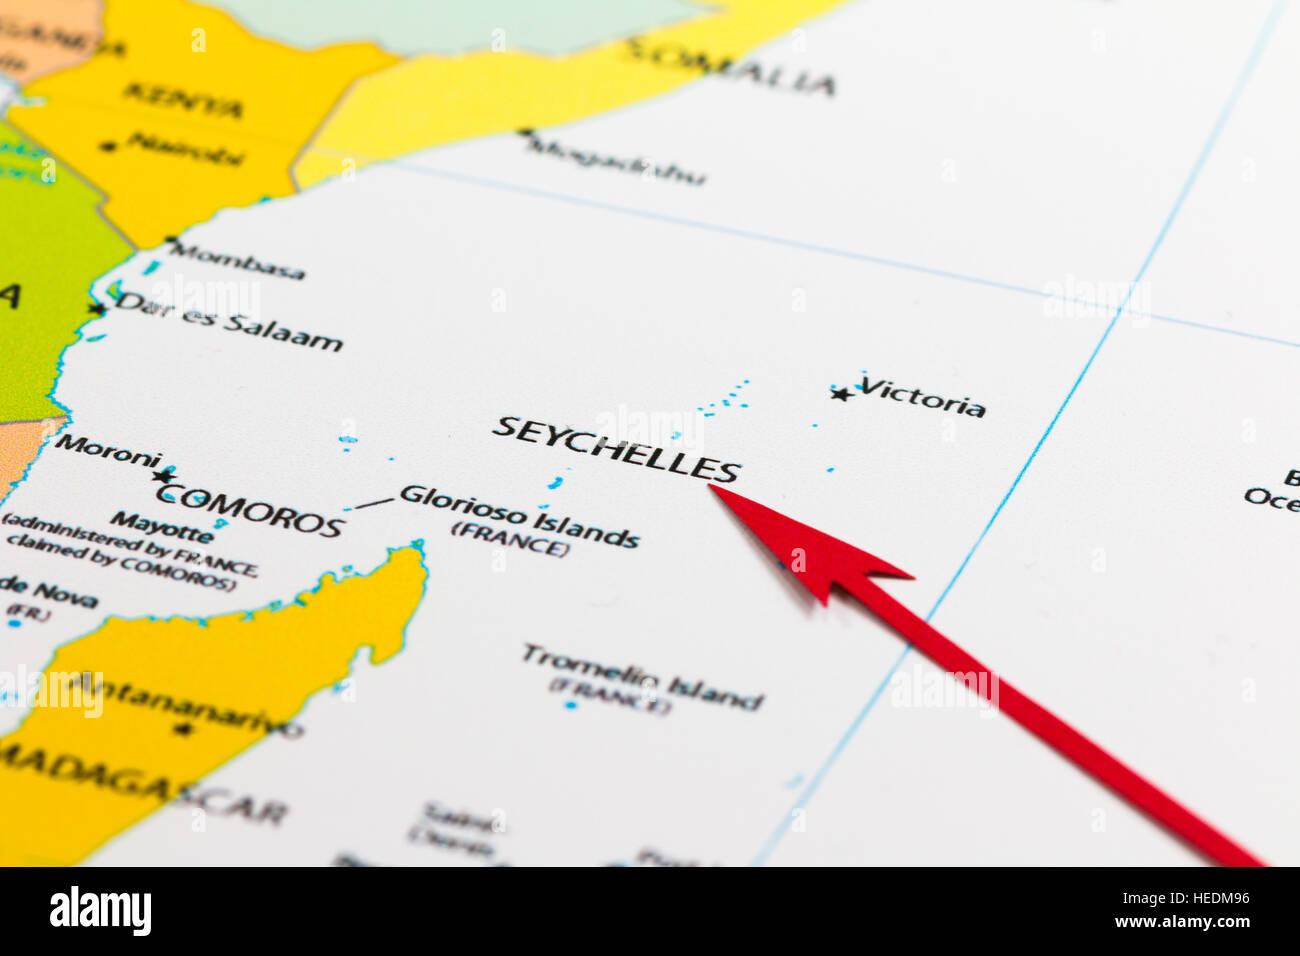 Seychellen Karte Afrika.Roter Pfeil Seychellen Inseln Auf Der Karte Von Afrika Kontinent